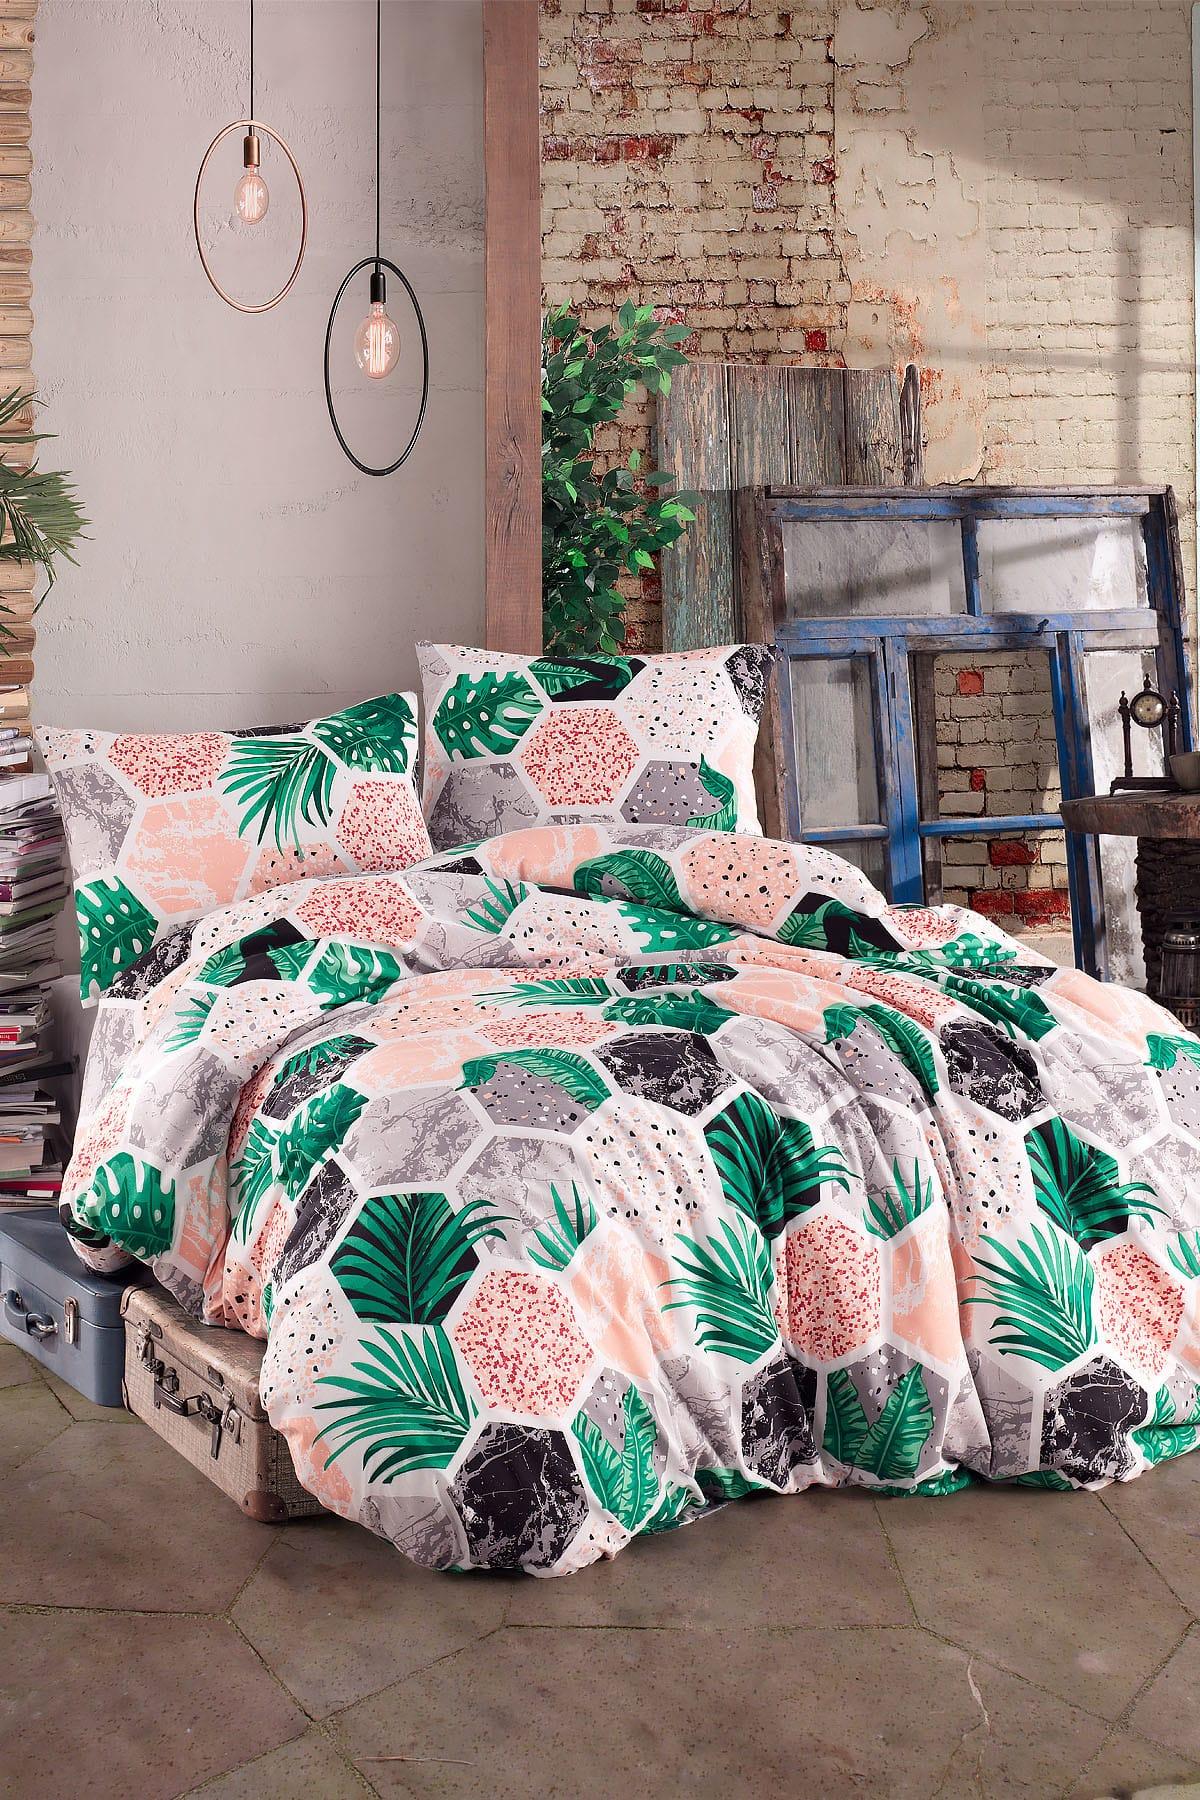 هاواي في ladymo مزدوجة حاف مجموعة غطاء أنيق الصيف الشتاء اللون مطابقة الإنتاج في تركيا الأخضر PİNK